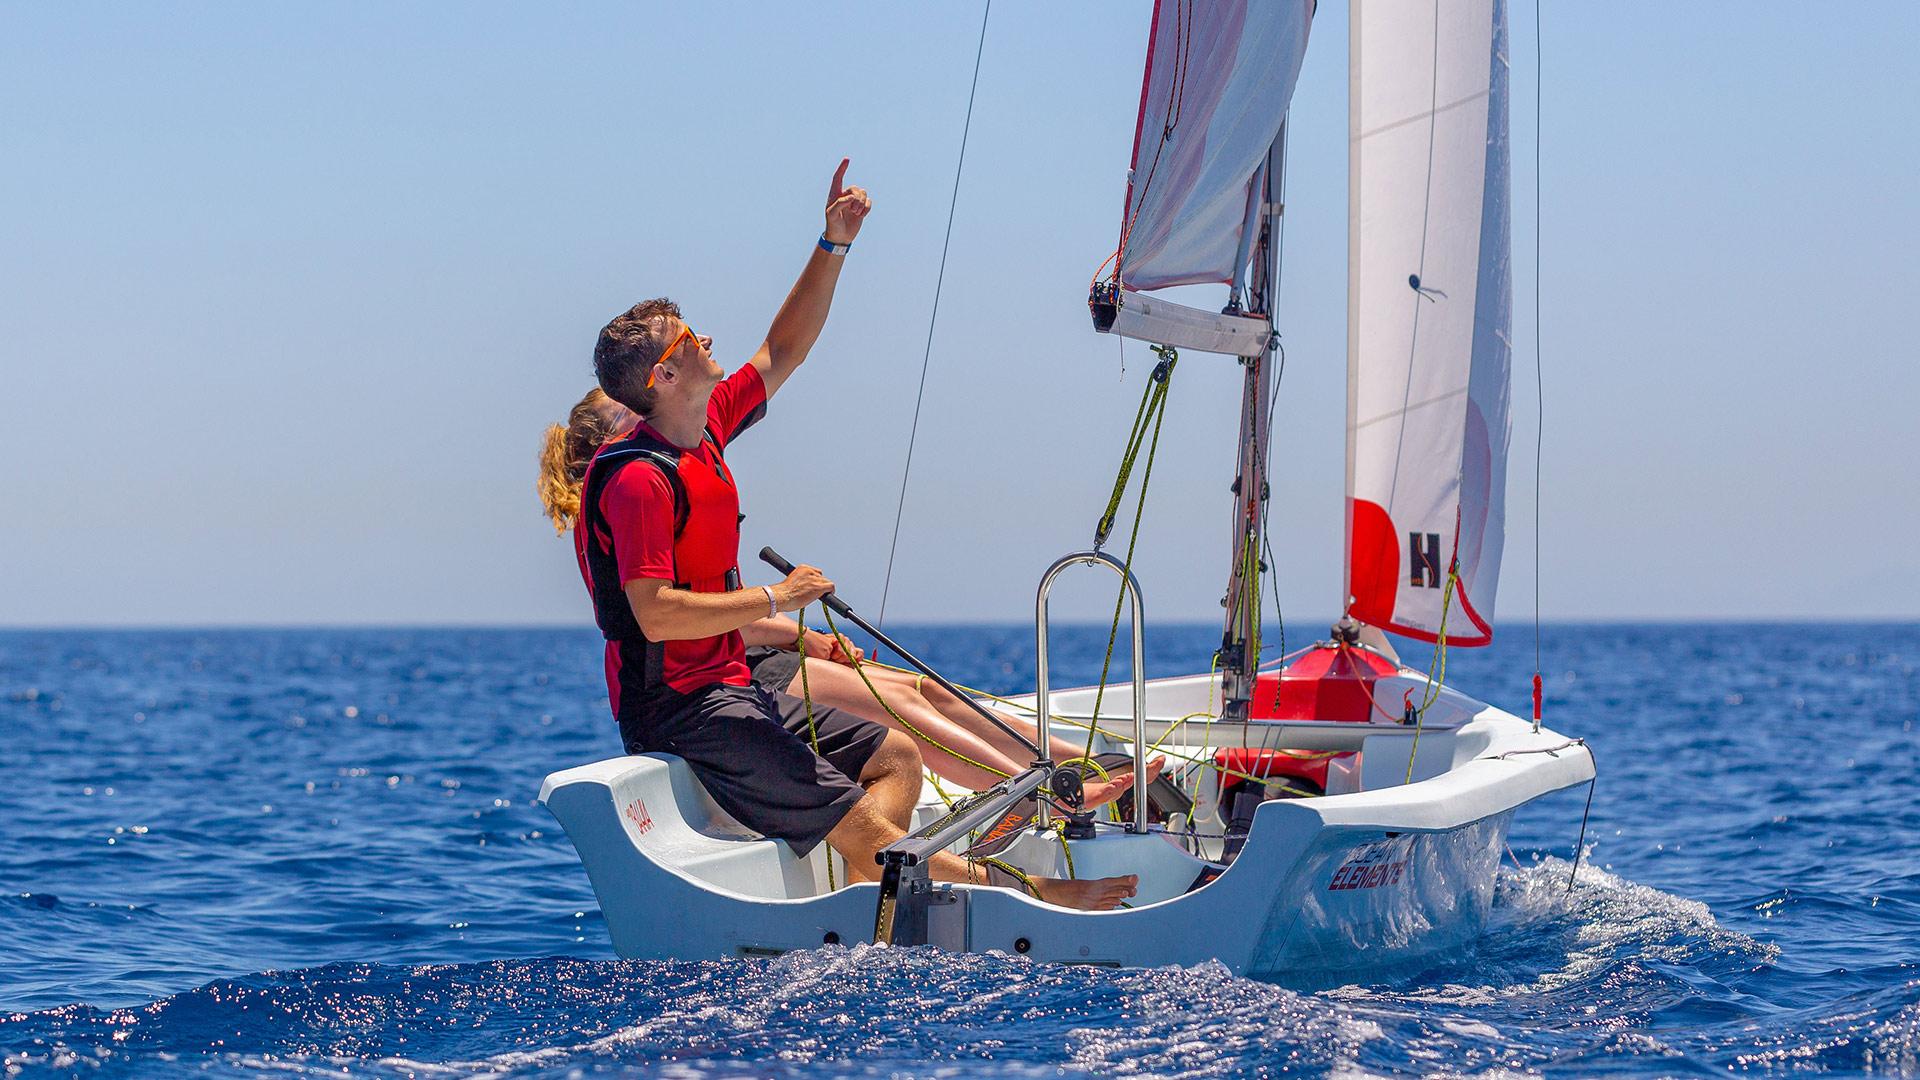 Dinghy Sailing, Kos